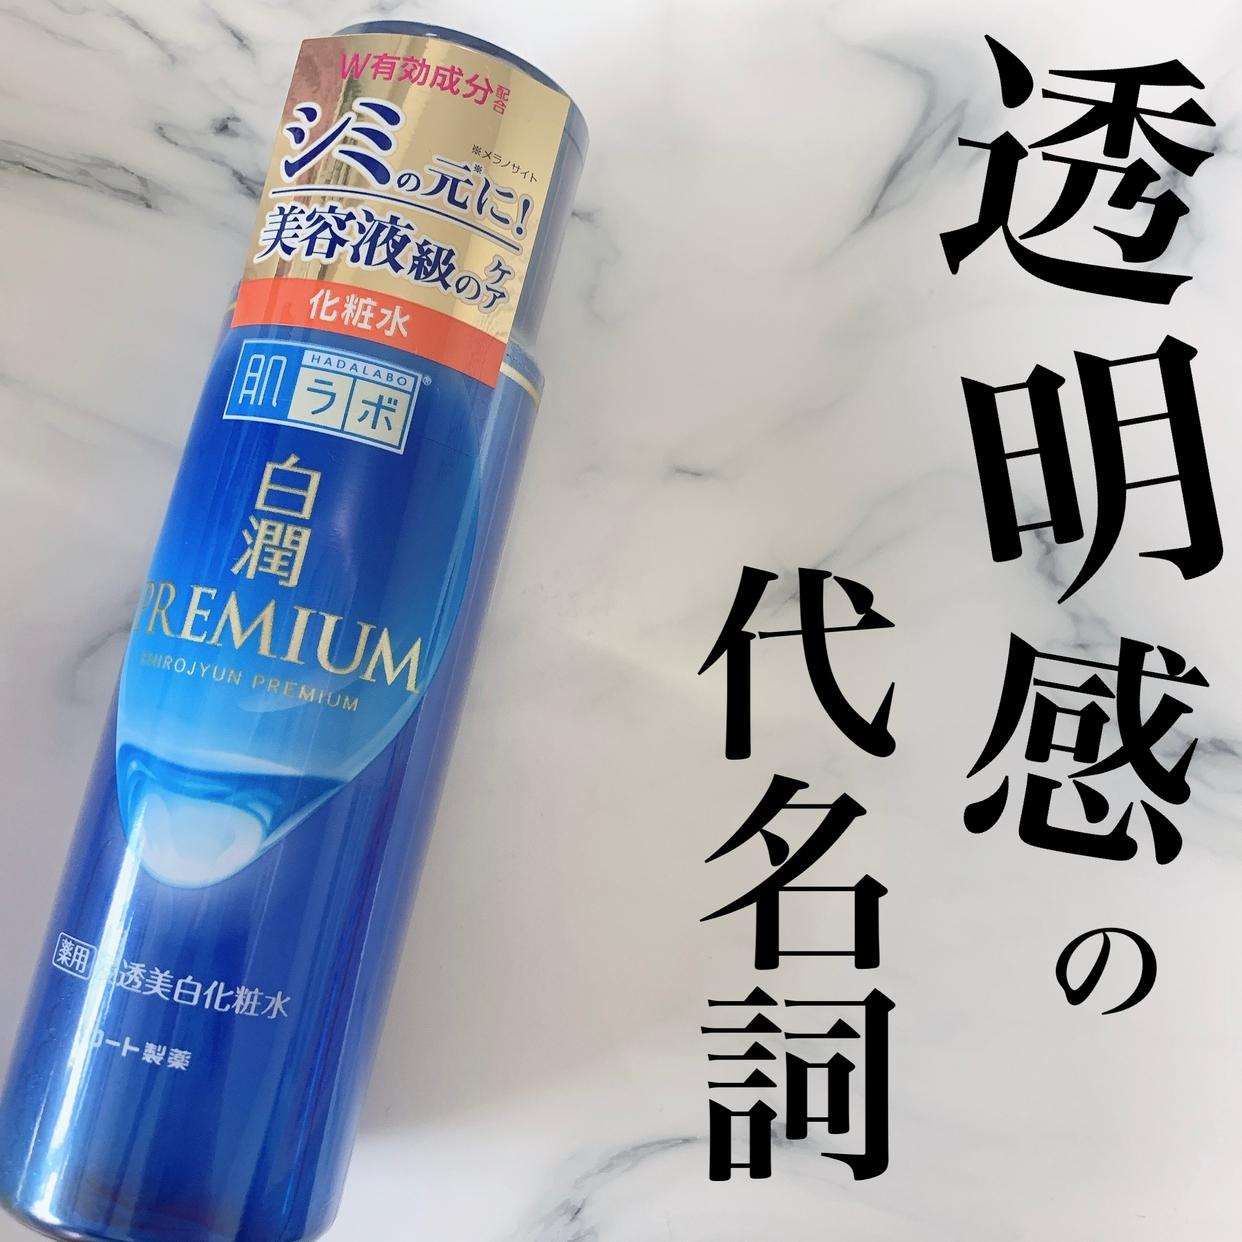 肌ラボ 白潤プレミアム 薬用浸透美白化粧水を使ったまみやこさんのクチコミ画像